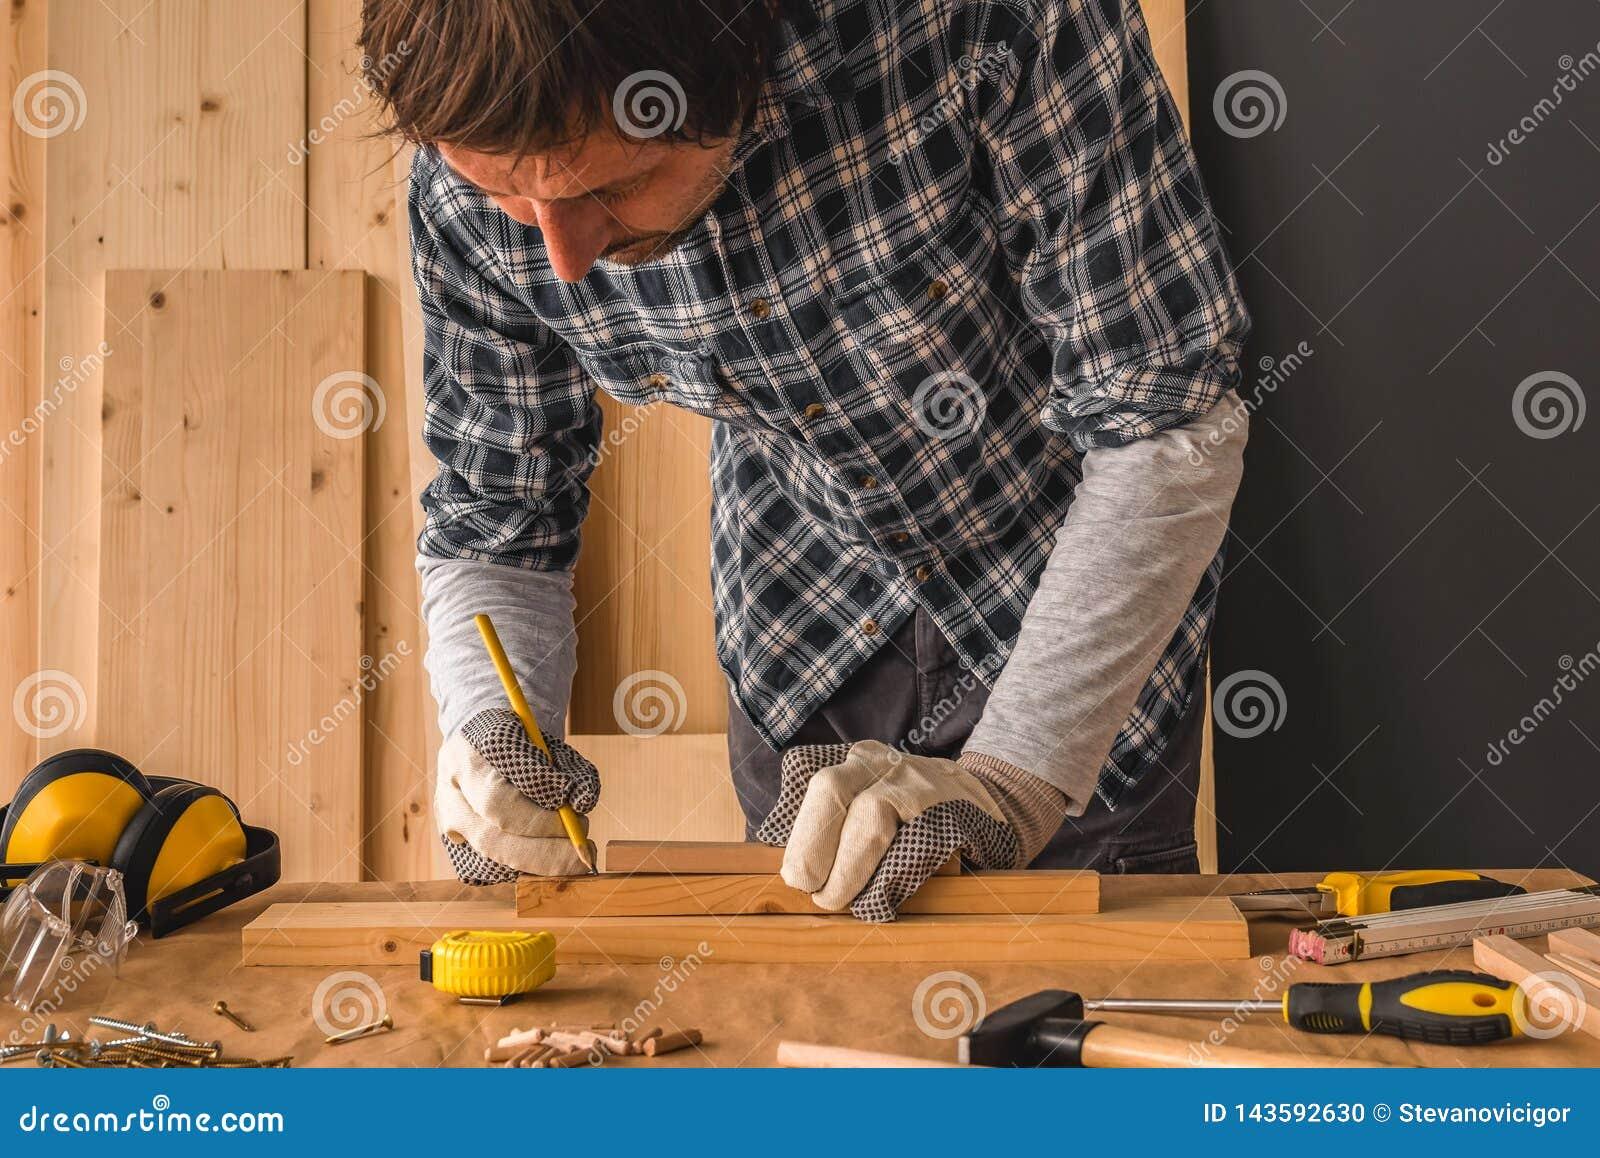 Carpintero que bosqueja el tablón de madera de pino para cortar en taller